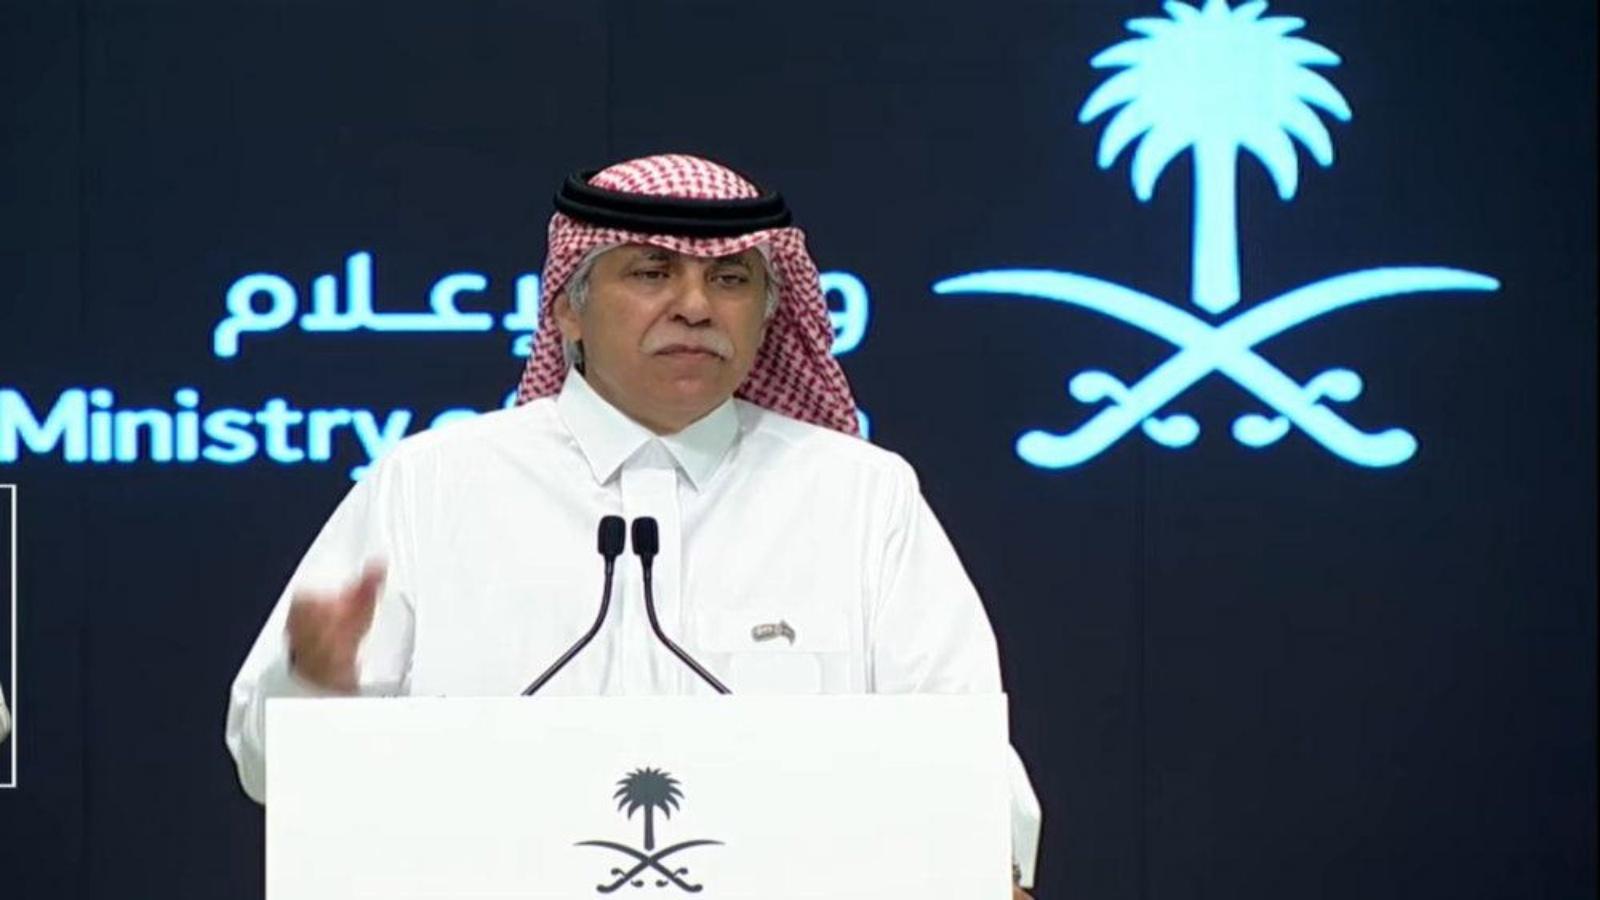 السعودية نيوز |  وزير الإعلام السعودي: سنعيد النظر بضريبة القيمة المضافة